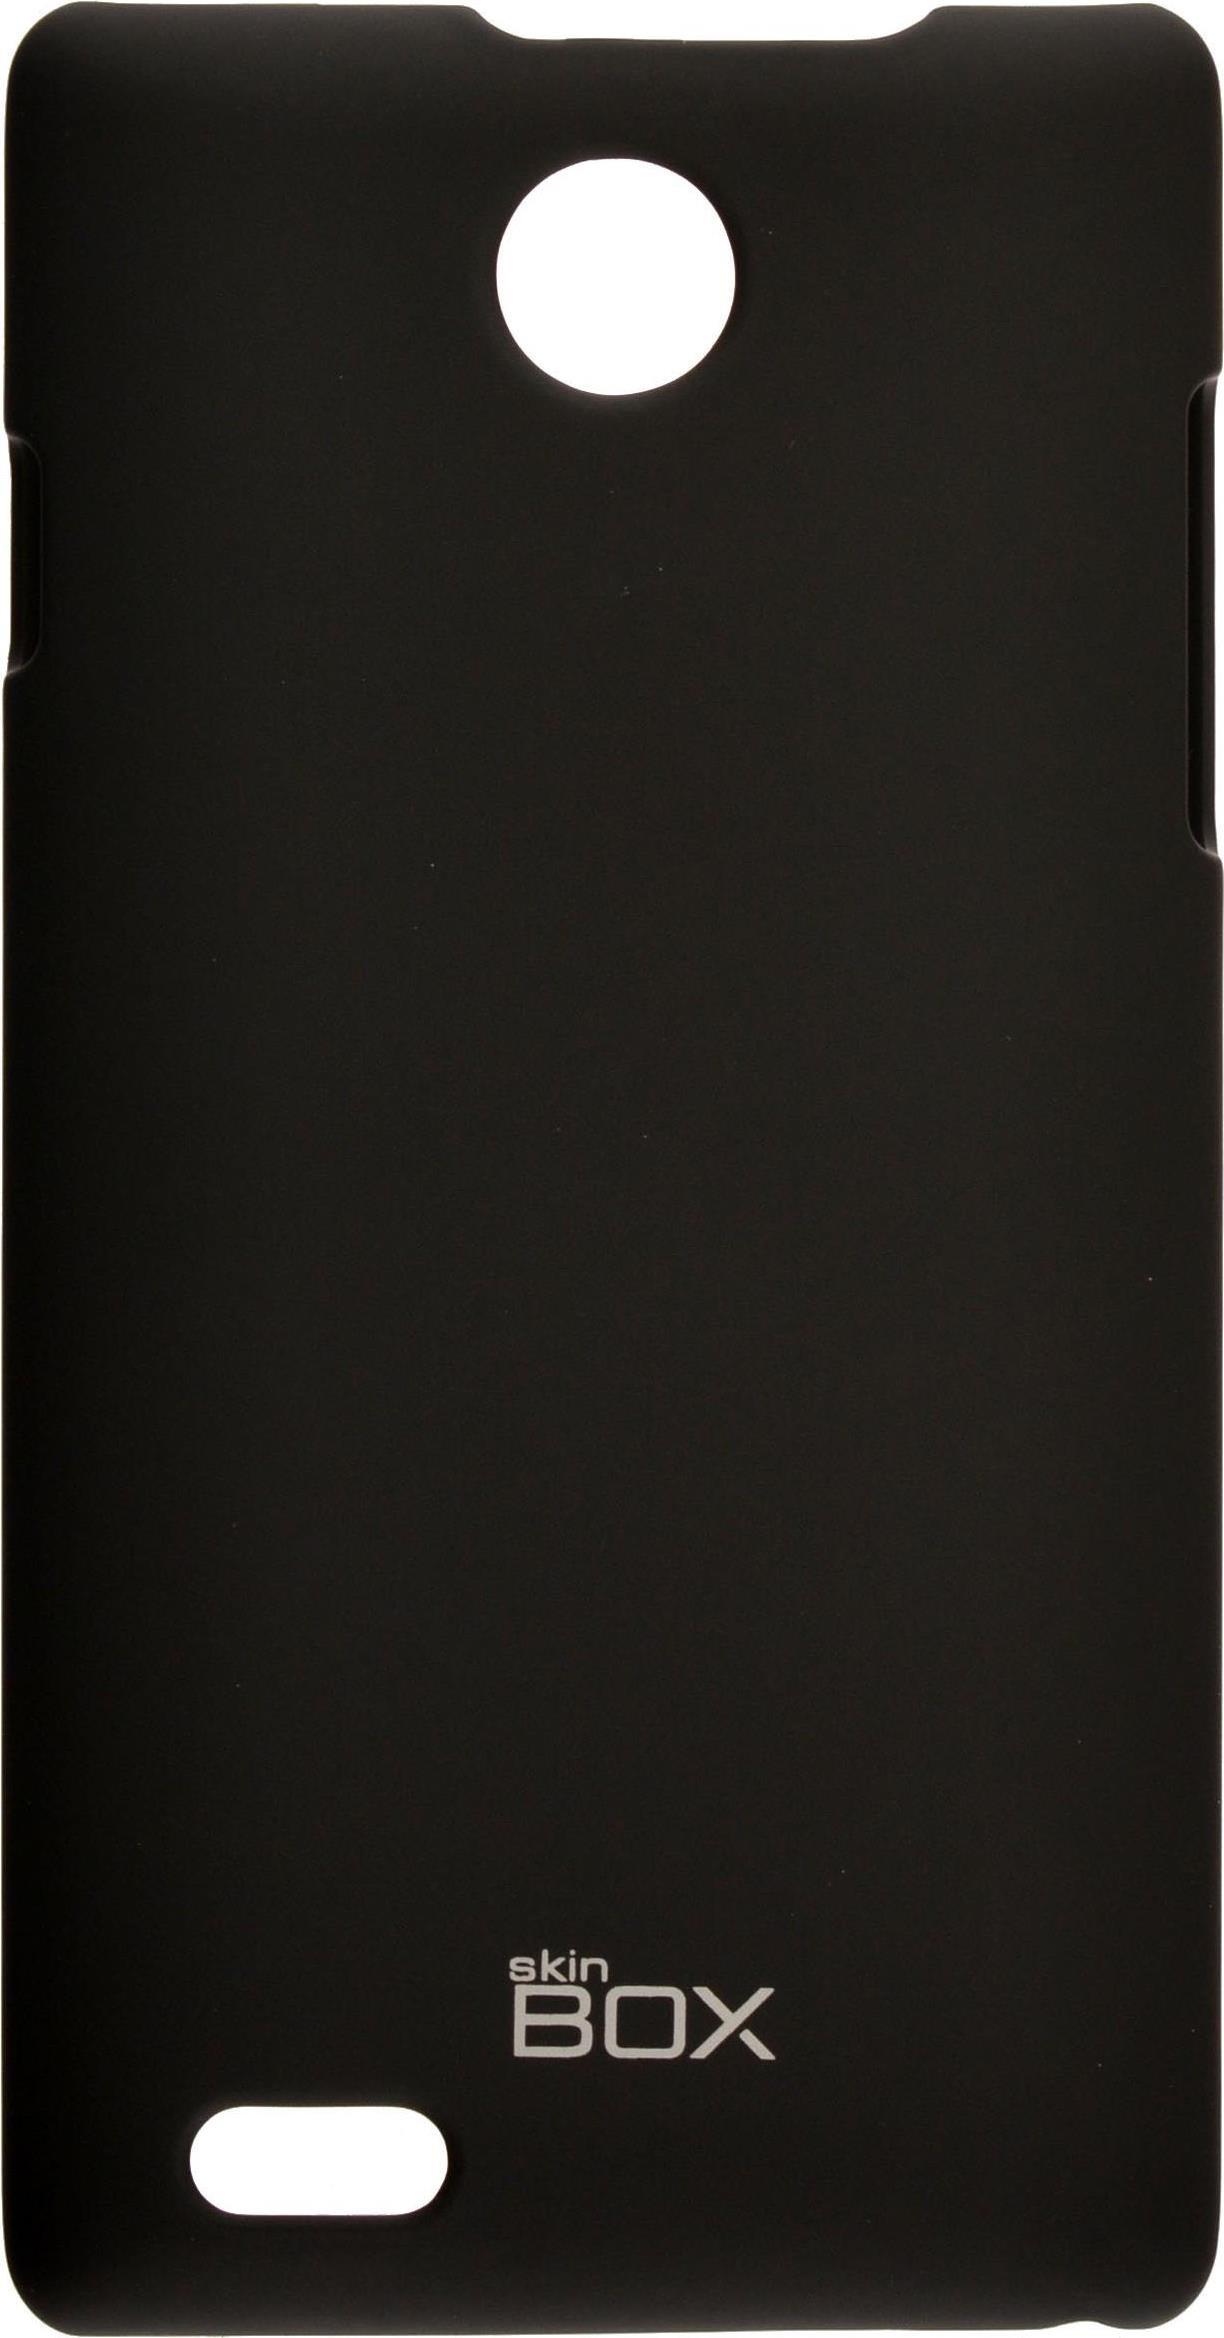 цена на Чехол для сотового телефона skinBOX 4People, 4630042525153, черный